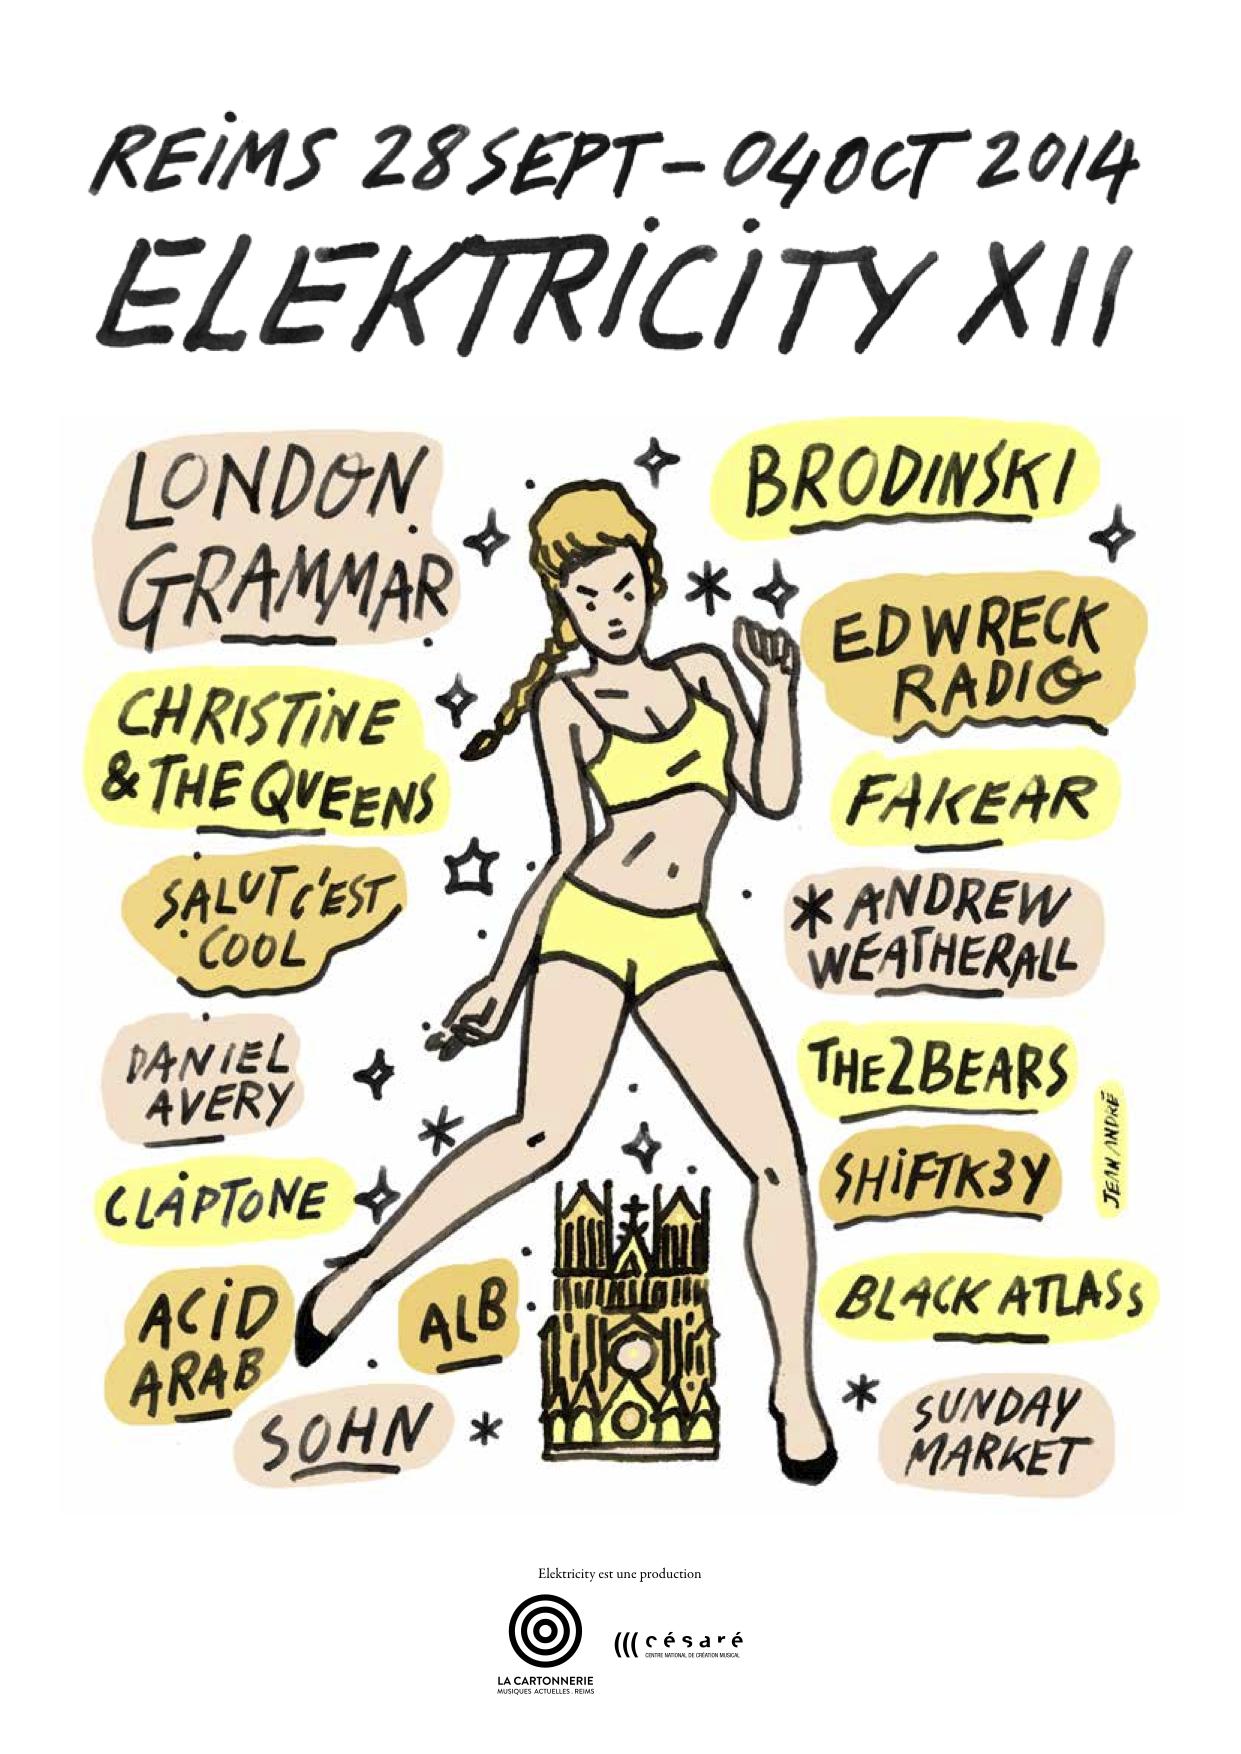 Affiche Elektricity XII REIMS